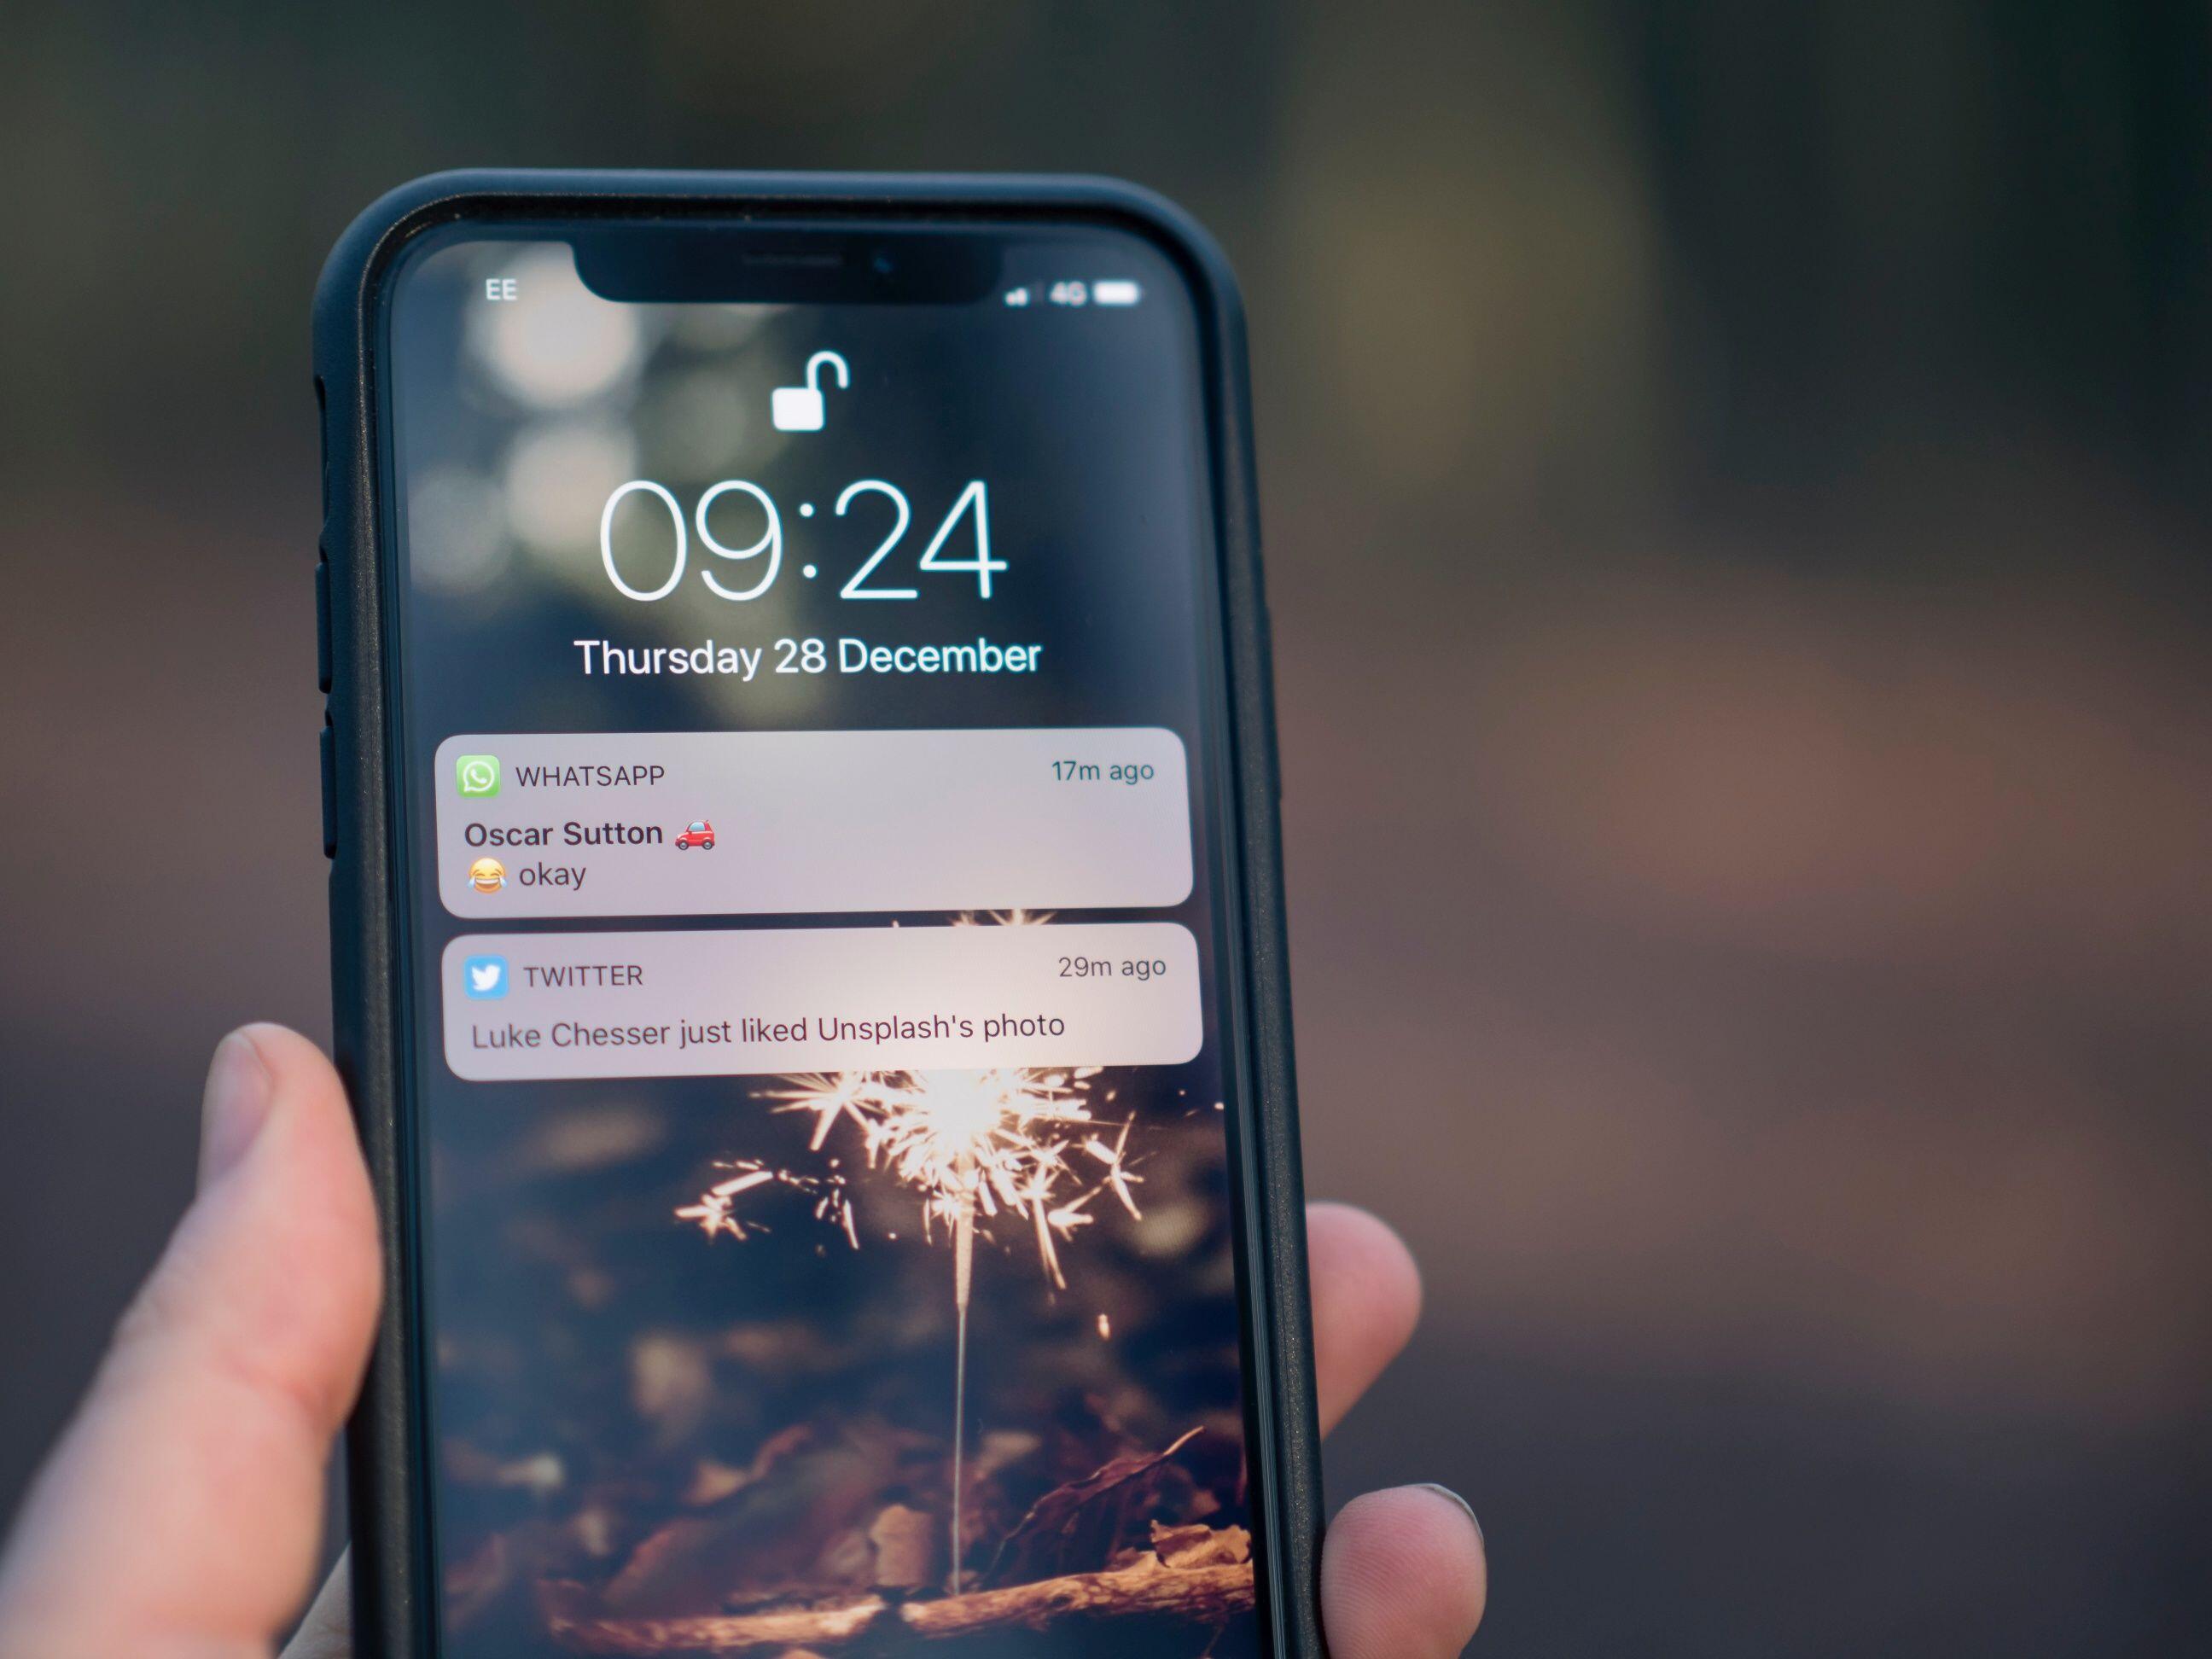 Ketahui Cara Paling Mudah Membuka Kontak yang Diblokir di WhatsApp